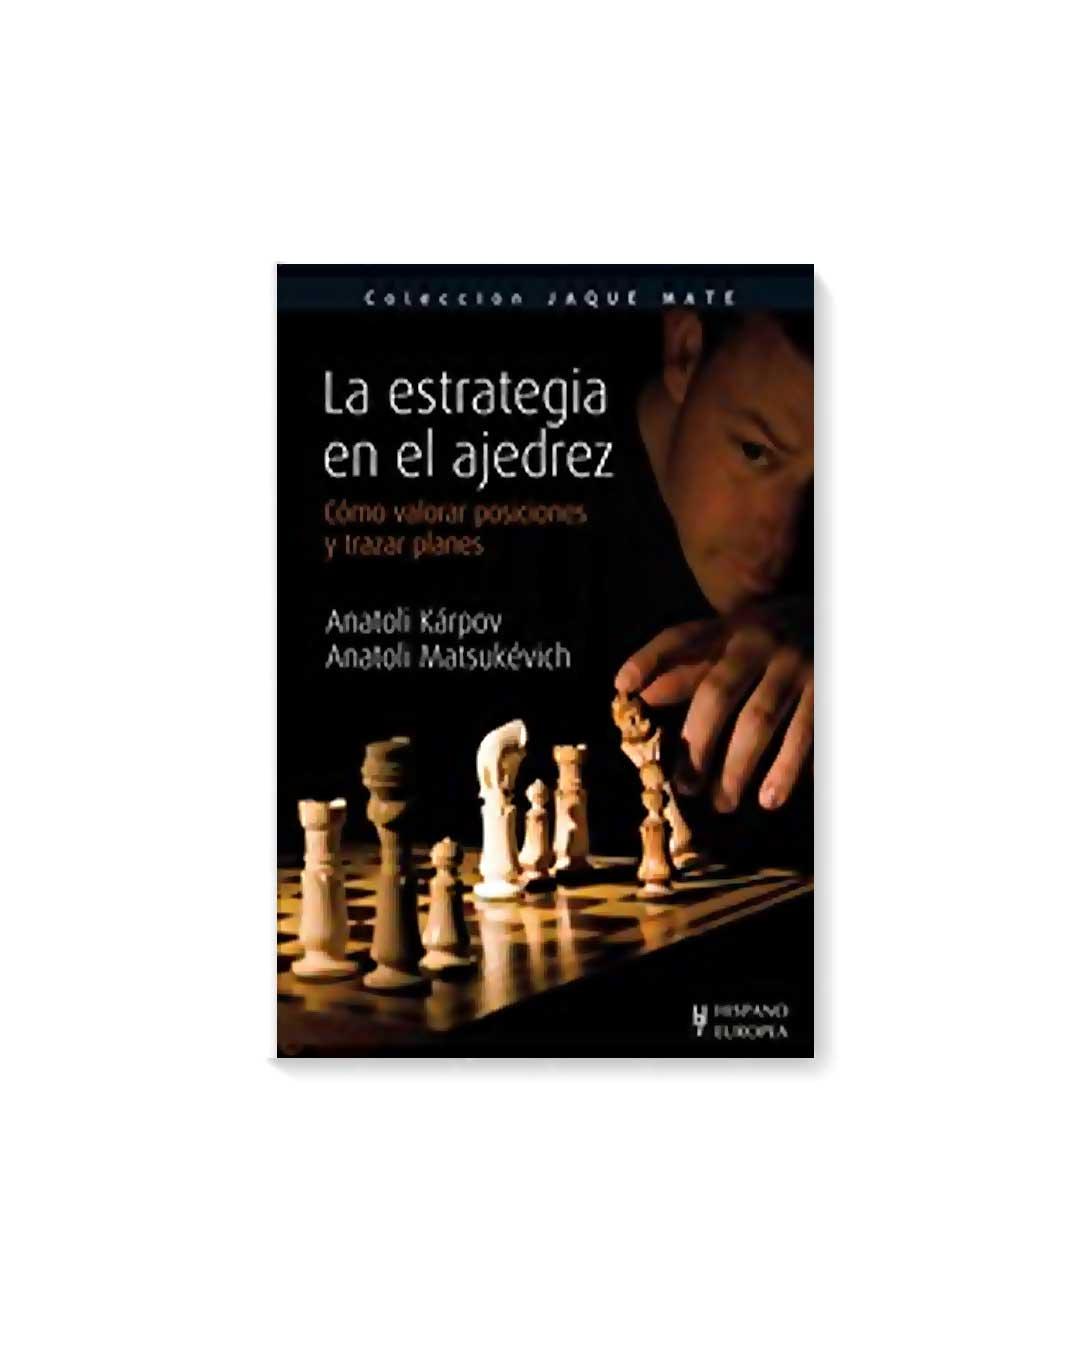 La estrategia en el ajedrez - Karpov